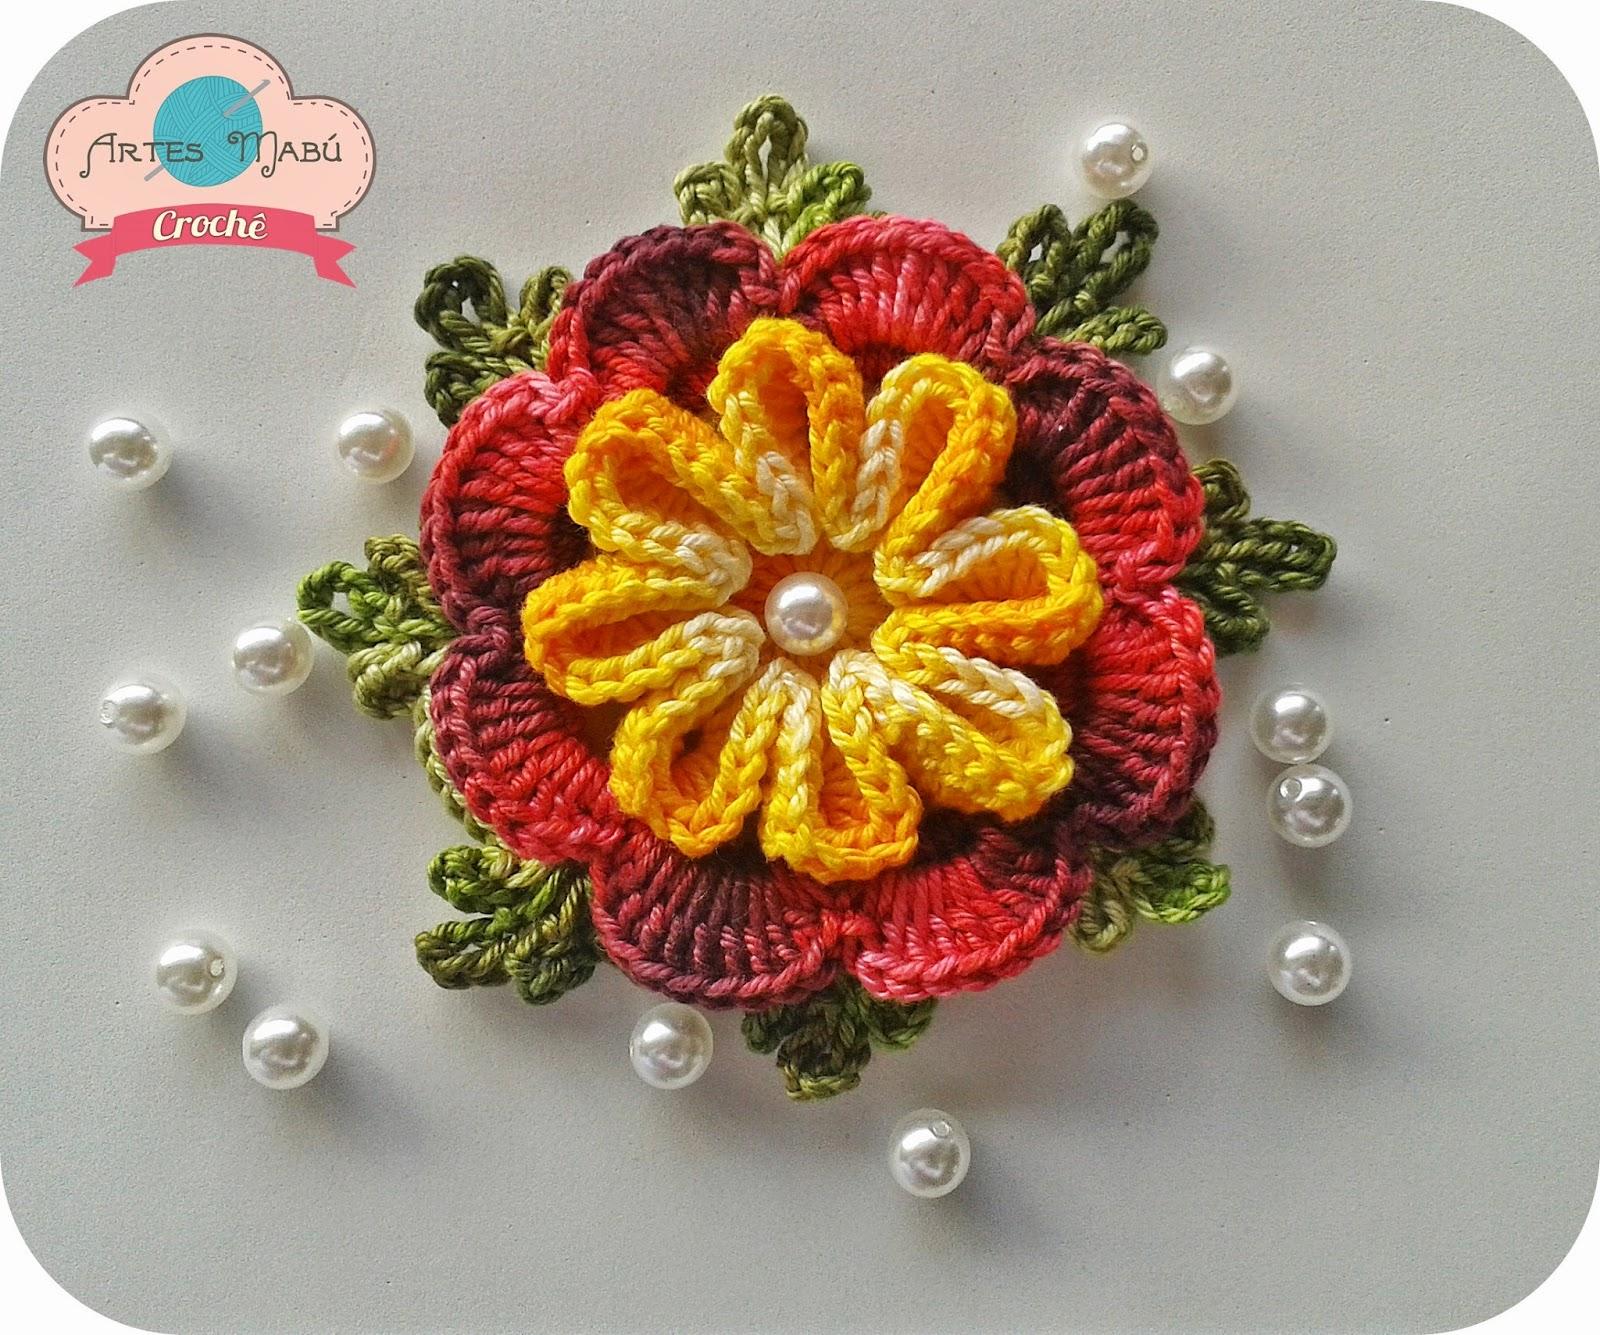 Мастер-класс вязание крючком объёмного цветка